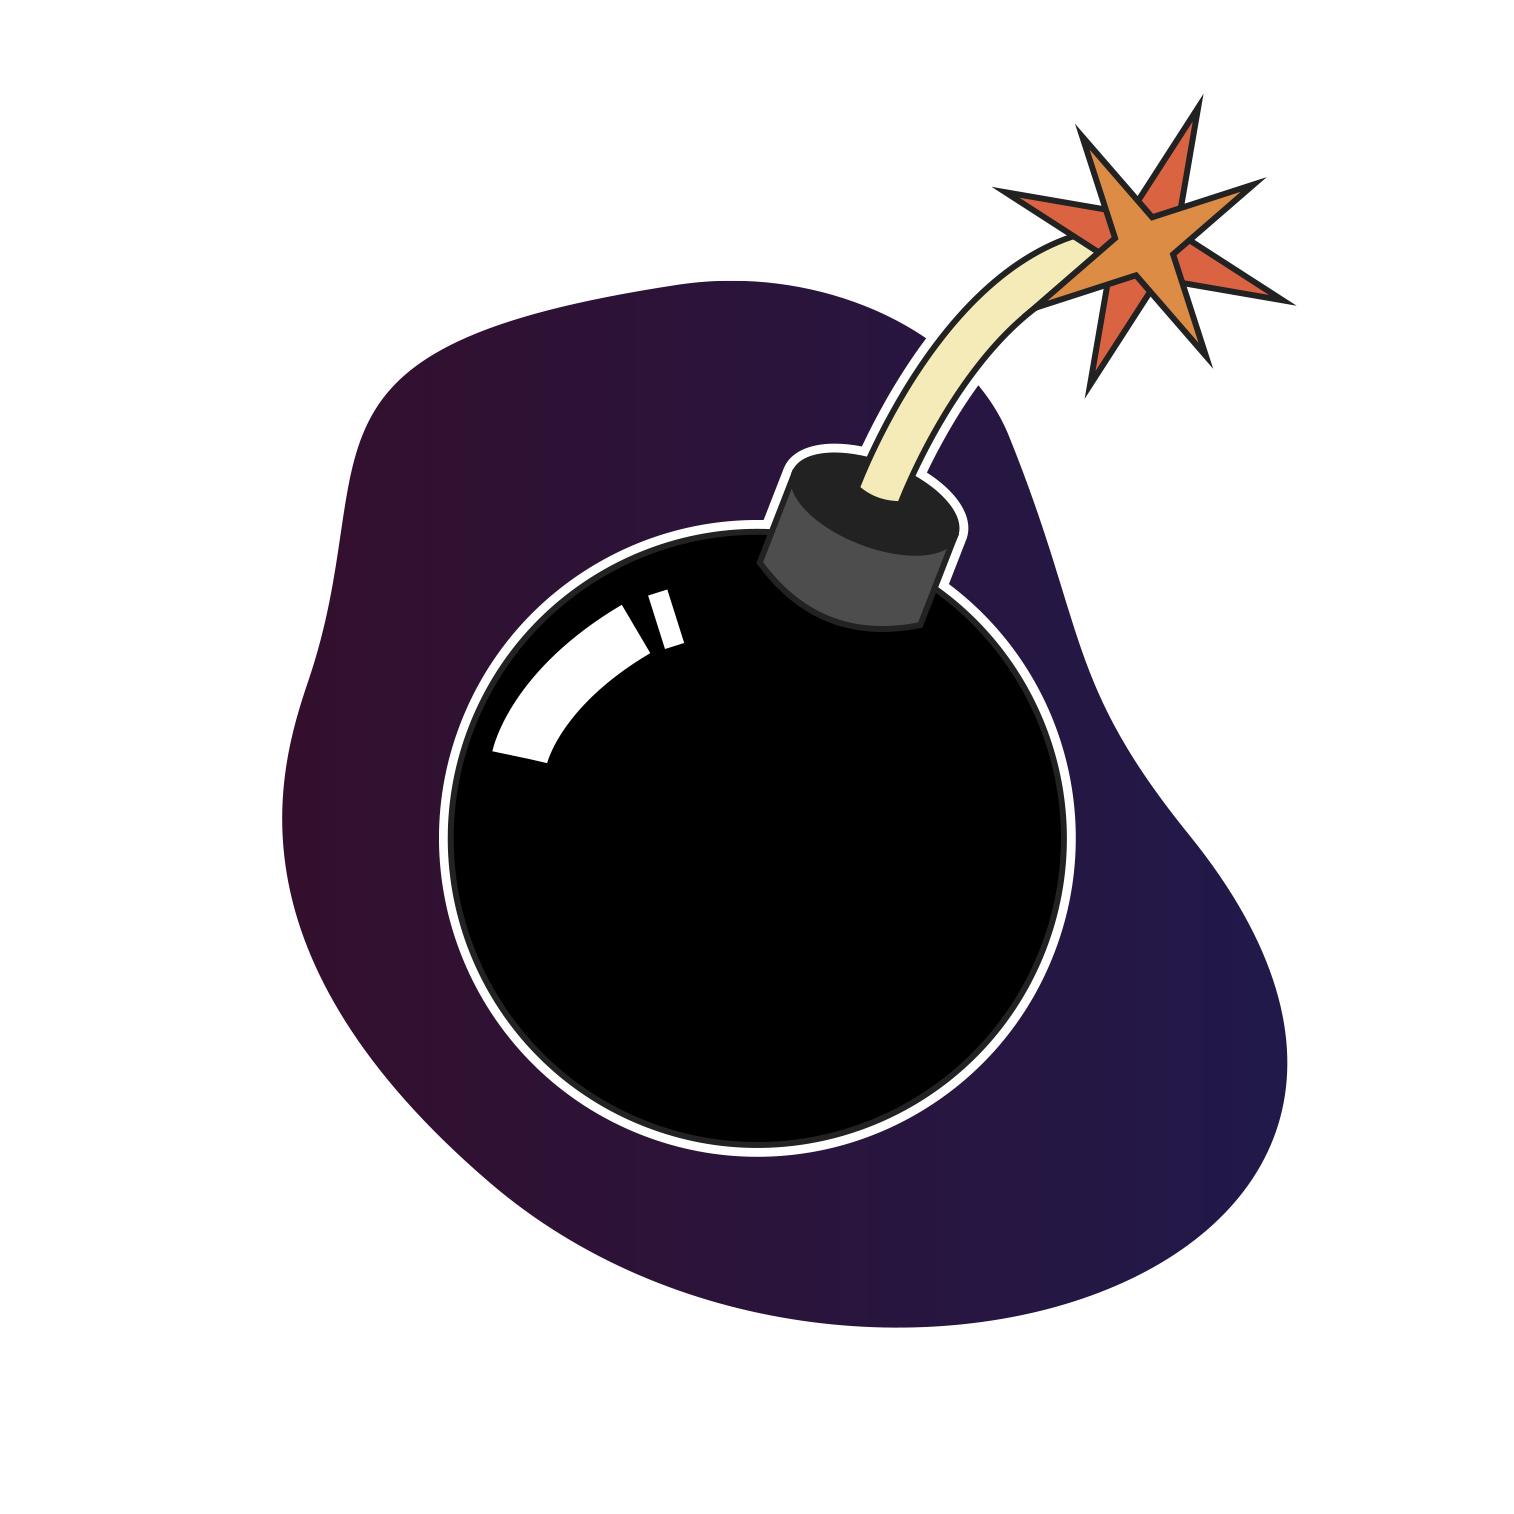 Bomb graphic